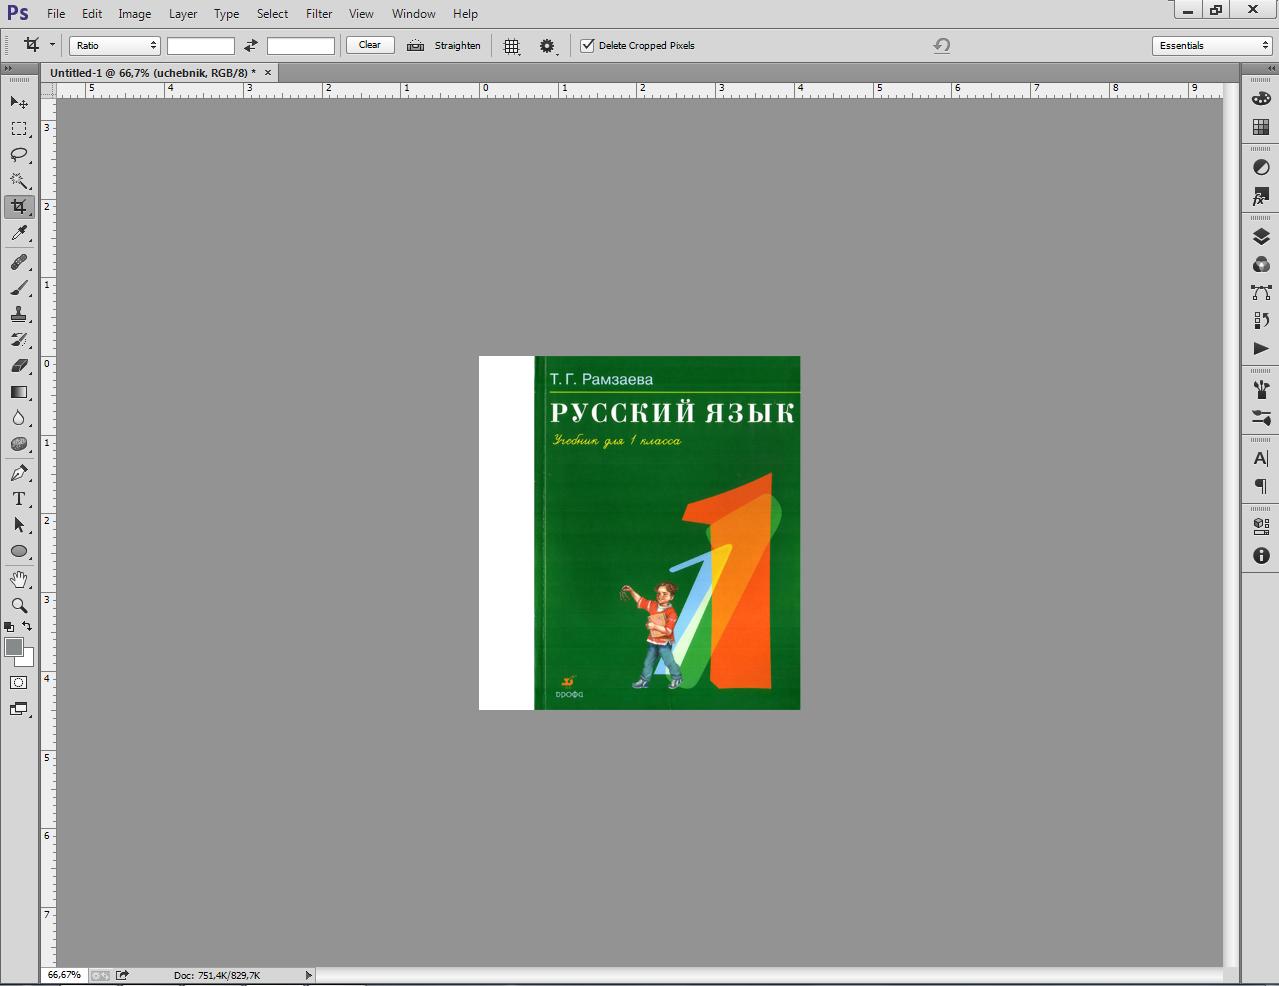 Как сделать обложку для книги в фотошопе